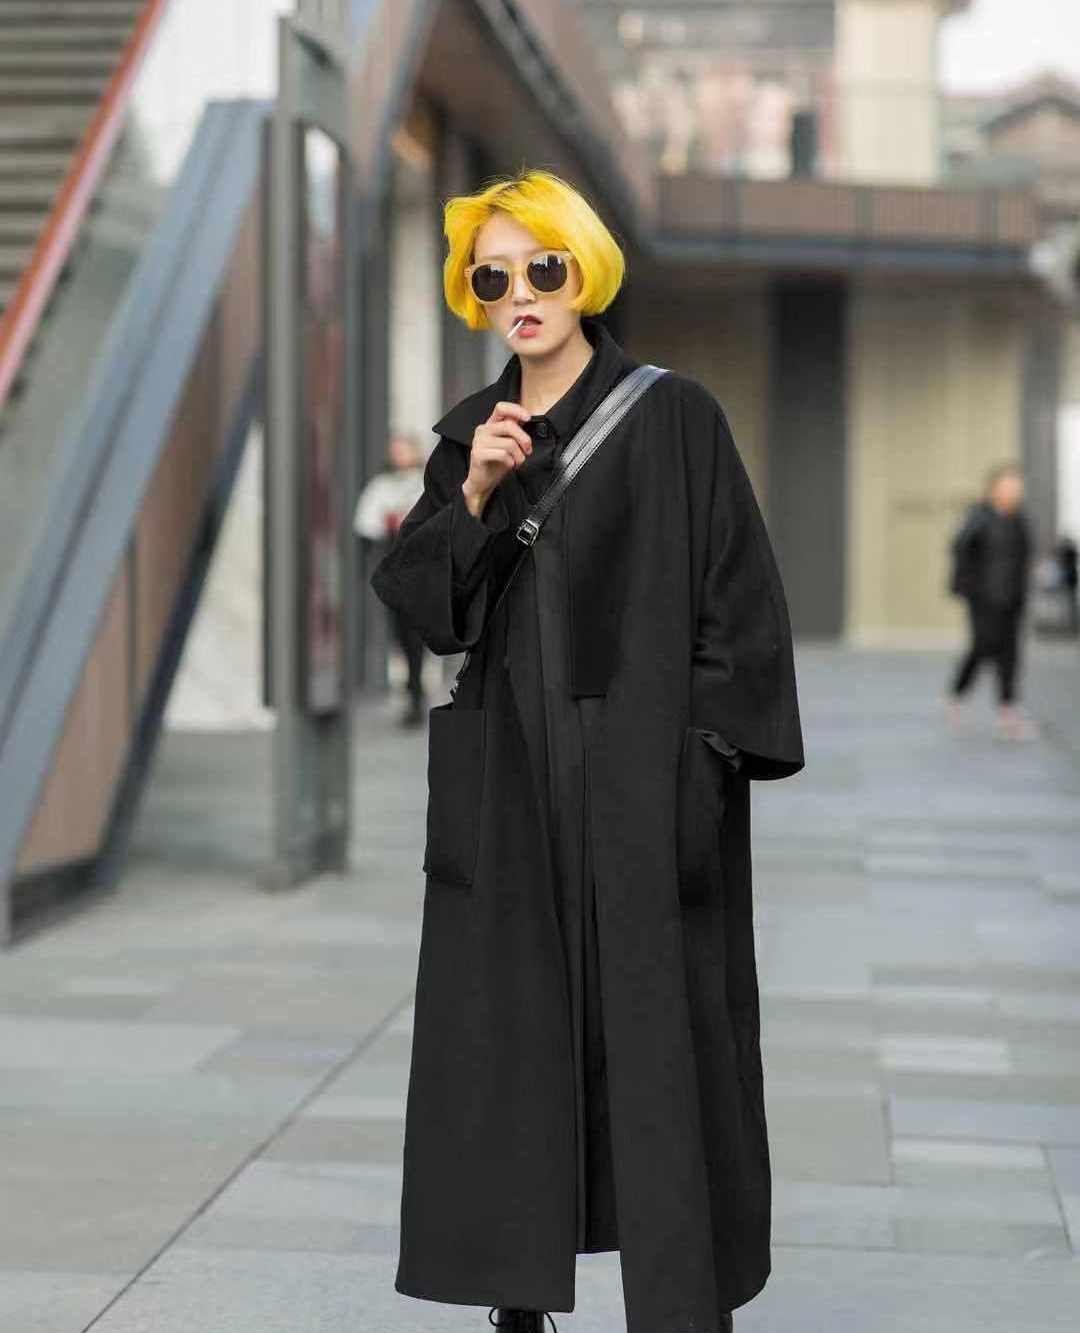 街拍:小姐姐黑色长款外套搭配马丁靴,发色时尚个性魅力十足